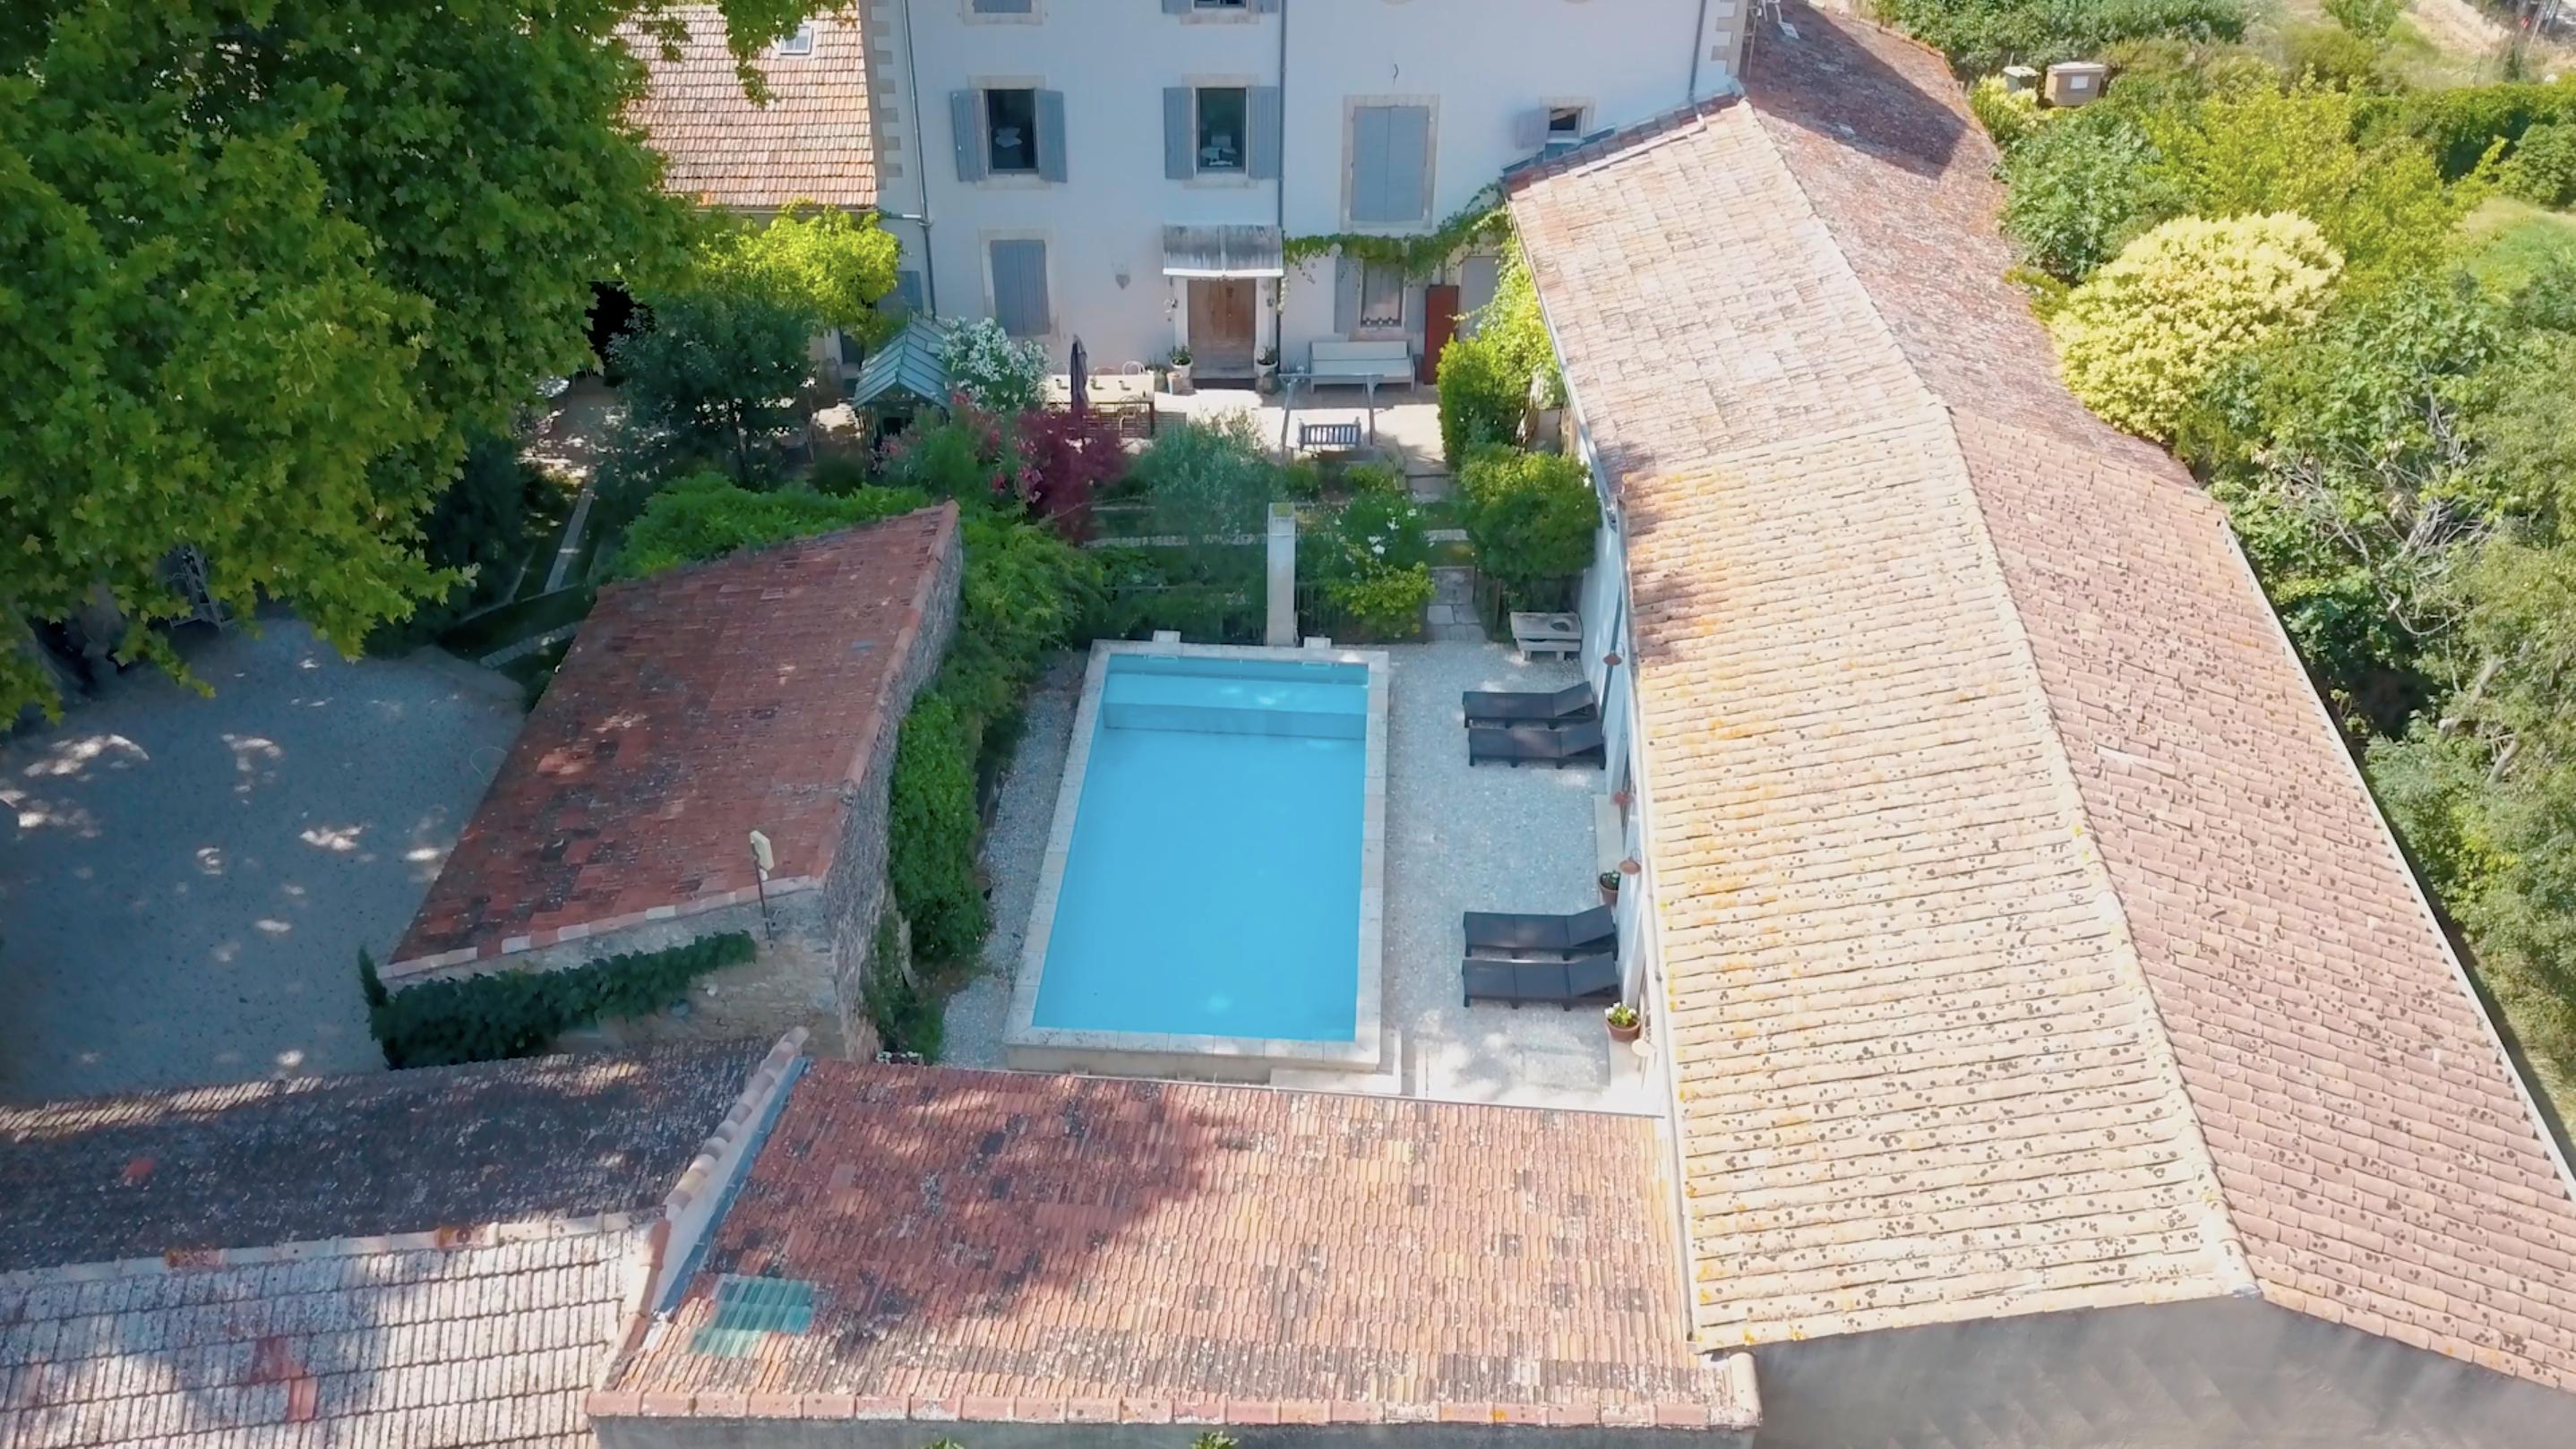 la bastide des songes - chambre hotes - luberon - provence - gordes - roussillon - isle sur sorgue - vue drone piscine et façade